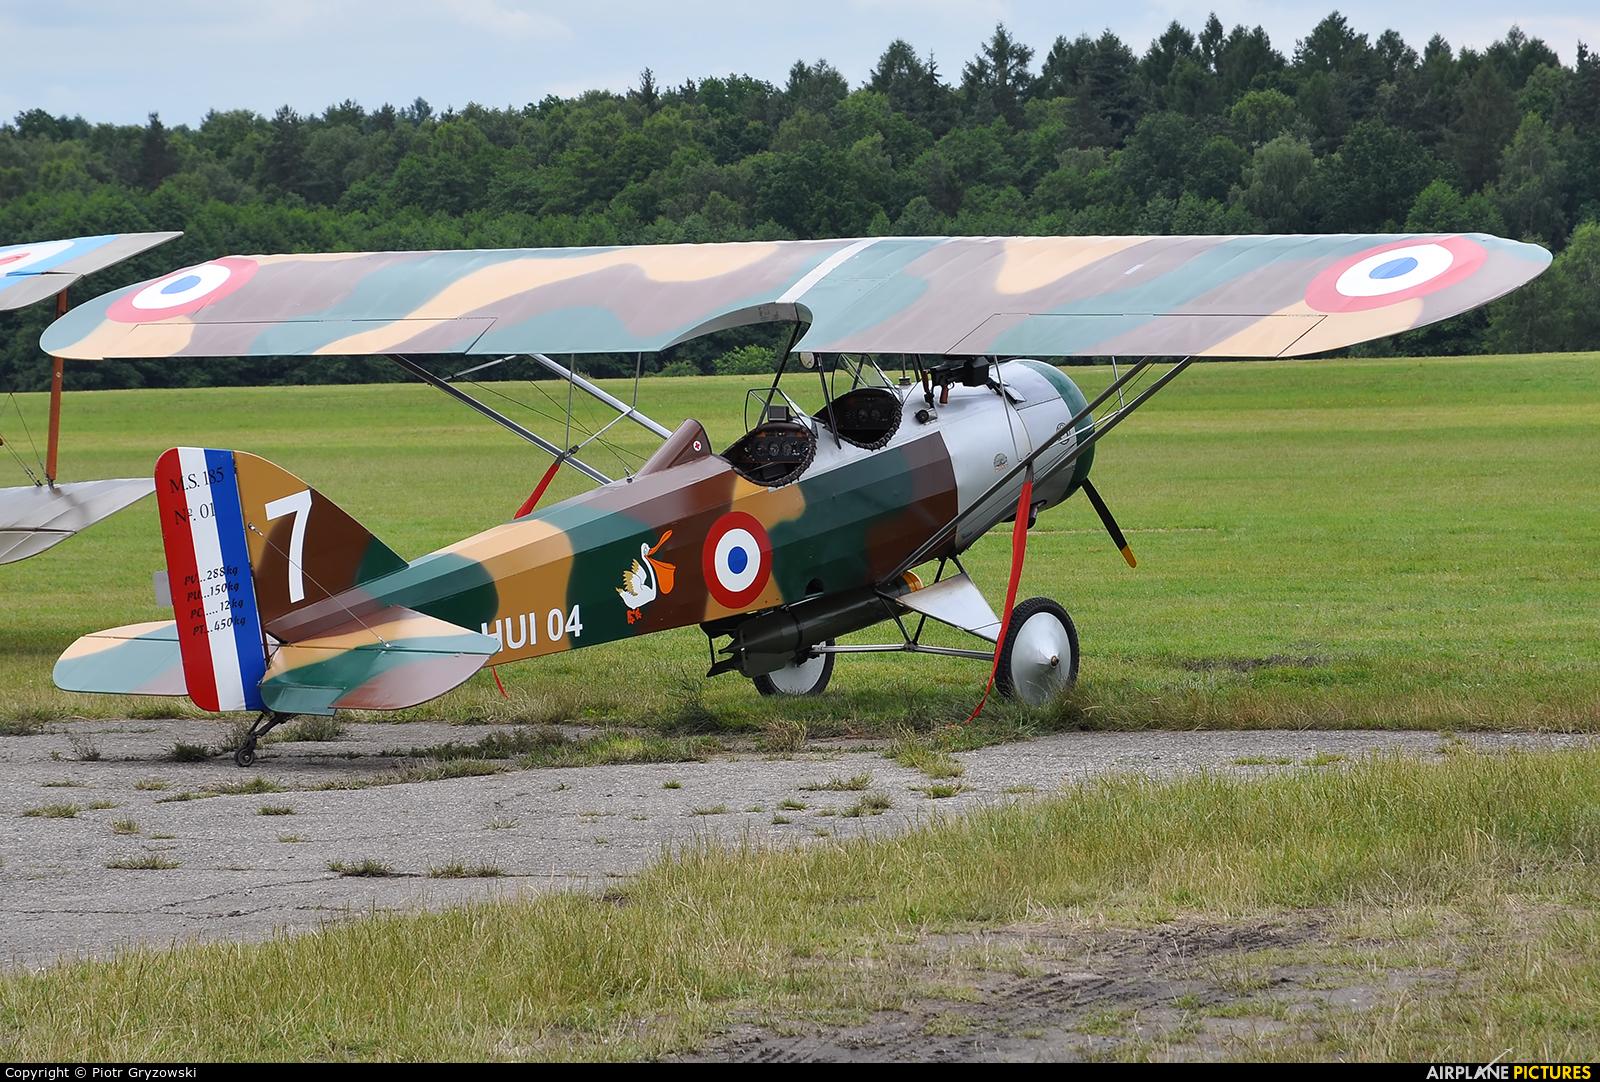 Private OK HUI04 aircraft at Rybnik - Gotartowice